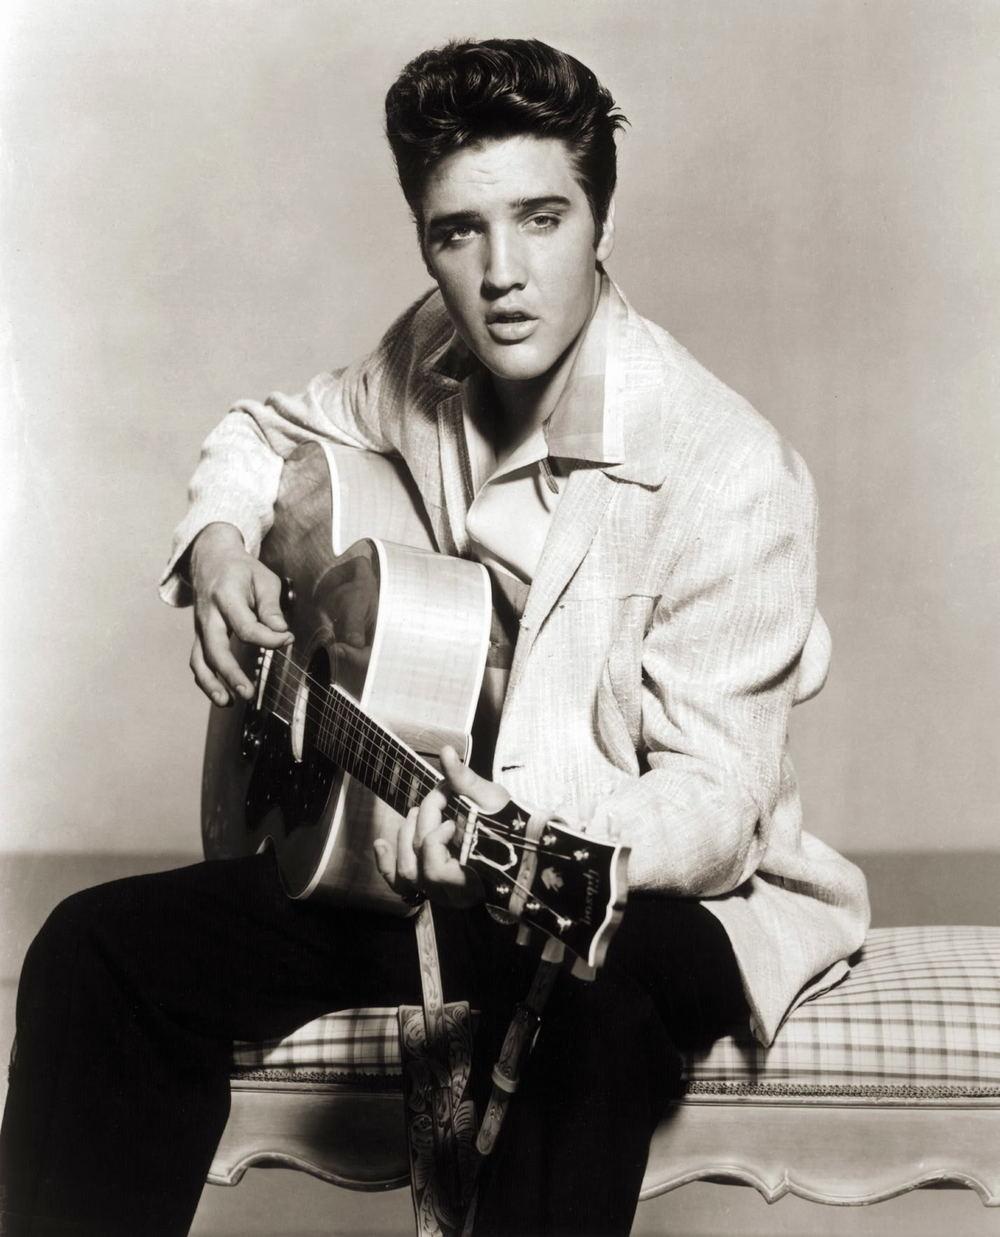 Elvis Aaron Presley. O rei, o precursor, o ícone, o gênio. Elvis, que hoje comemoraria 80 anos nasceu em Memphis, Tennessee e apareceu para o mundo com apenas 19 anos. No fim da década de 50 ele já era considerado um semi-deus. Falecido há quase 40 anos, esse rapaz que encantou o mundo com suas letras, timbres, rebolados e claro, penteados, segue até hoje nos ensinando muito. E não só na música e na moda. Ele foi o embaixador de uma nova cultura, uma nova forma de viver, cantar, dançar, se vestire se comportar. É por isso que hoje, 80 anos depois do seu nascimento, agradecemos de coração por tudo. Tudo mesmo. afinal, se ele é o rei, nós somos os seus fiéis súditos.